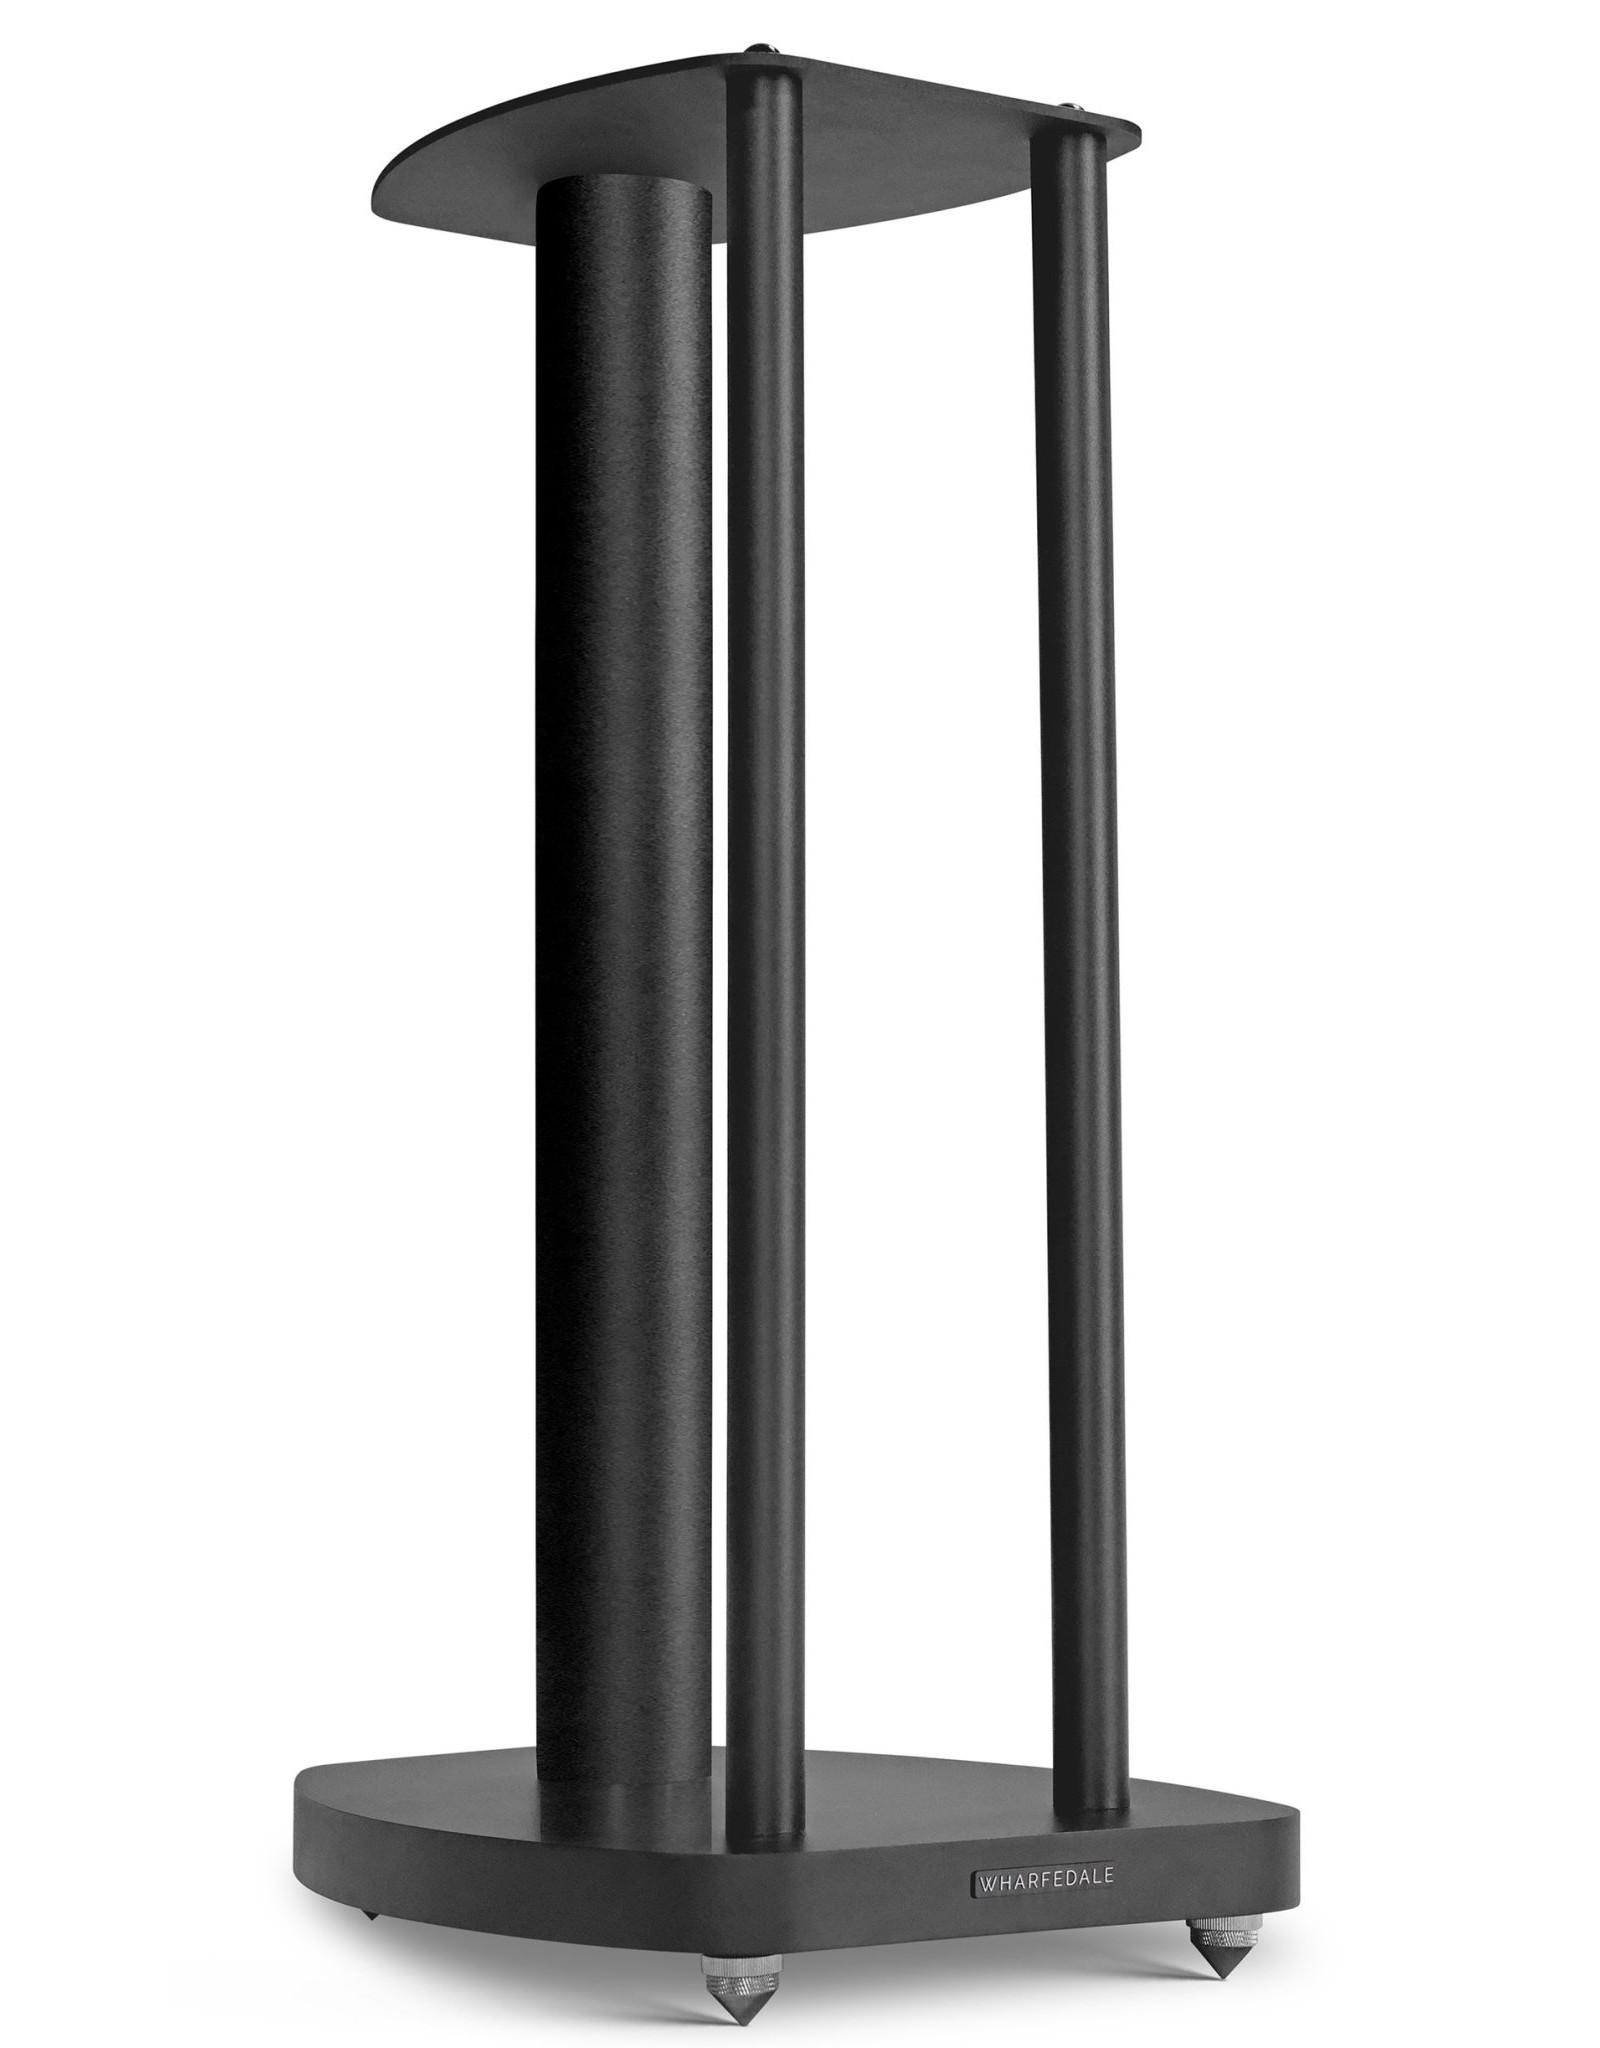 Wharfedale Wharfedale EVO4 Speaker Stands